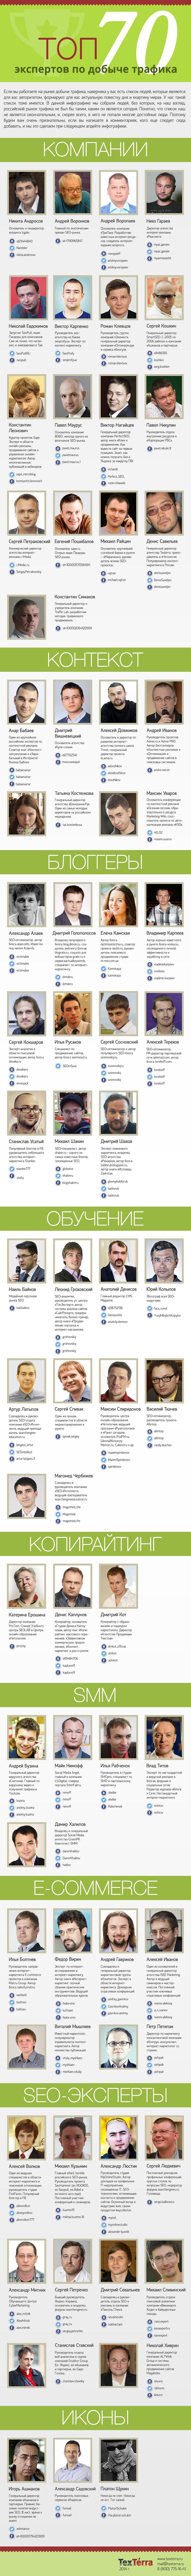 ТОП-70 специалистов в привлечении трафика